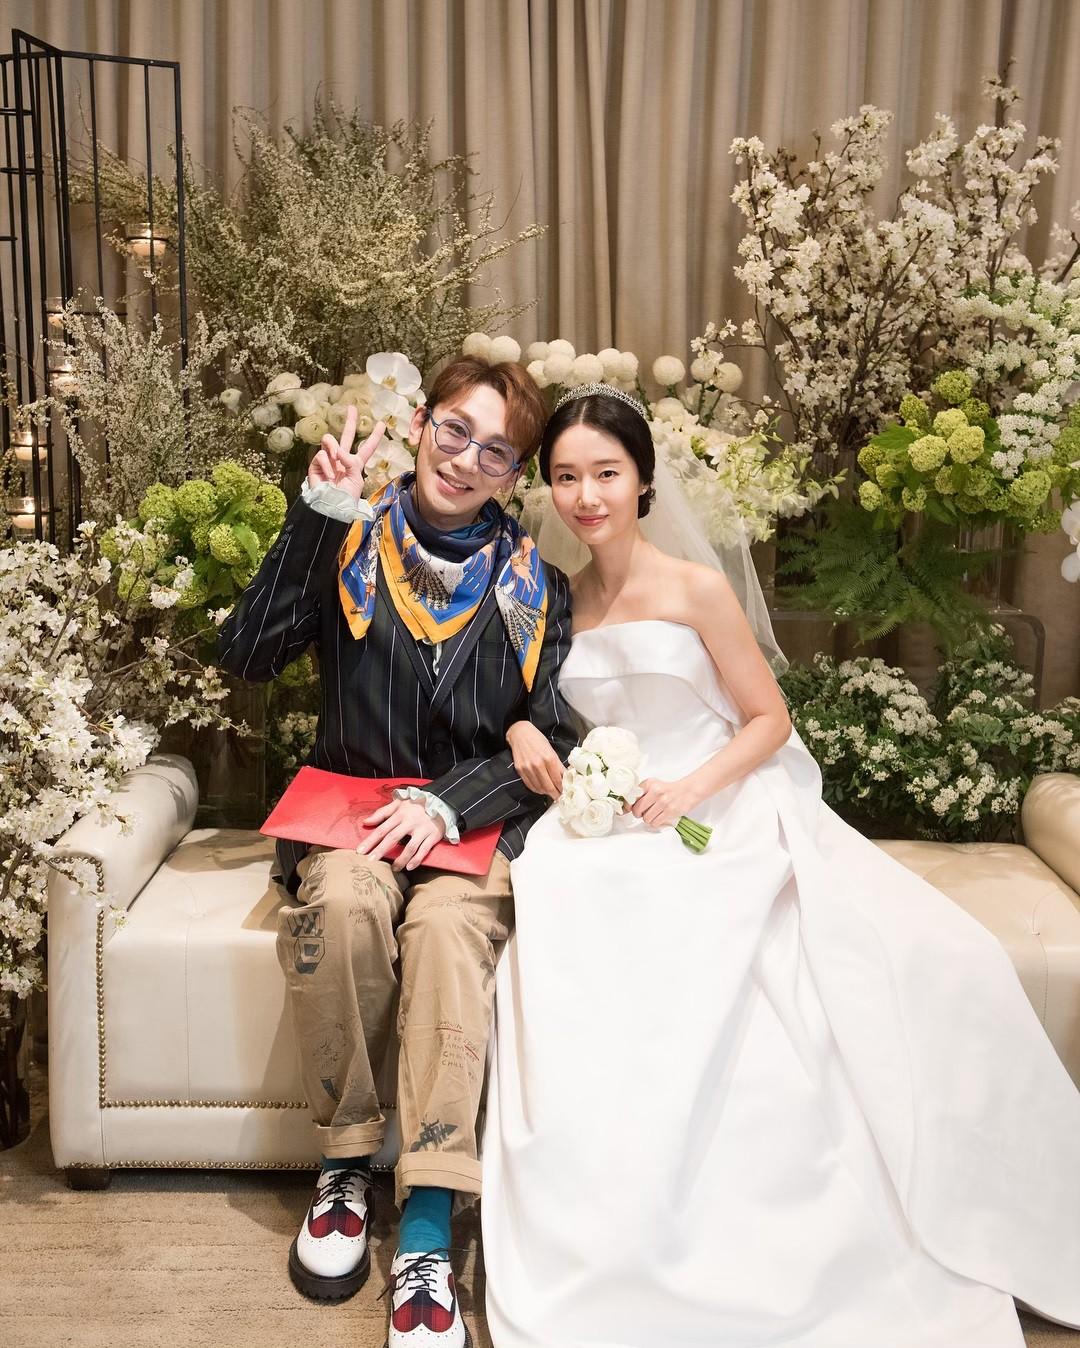 Bộ ảnh hậu trường cưới khủng nhất lịch sử Kbiz: Son Ye Jin và mỹ nhân Vườn sao băng đọ sắc, còn có cả idol nhà YG - Ảnh 12.